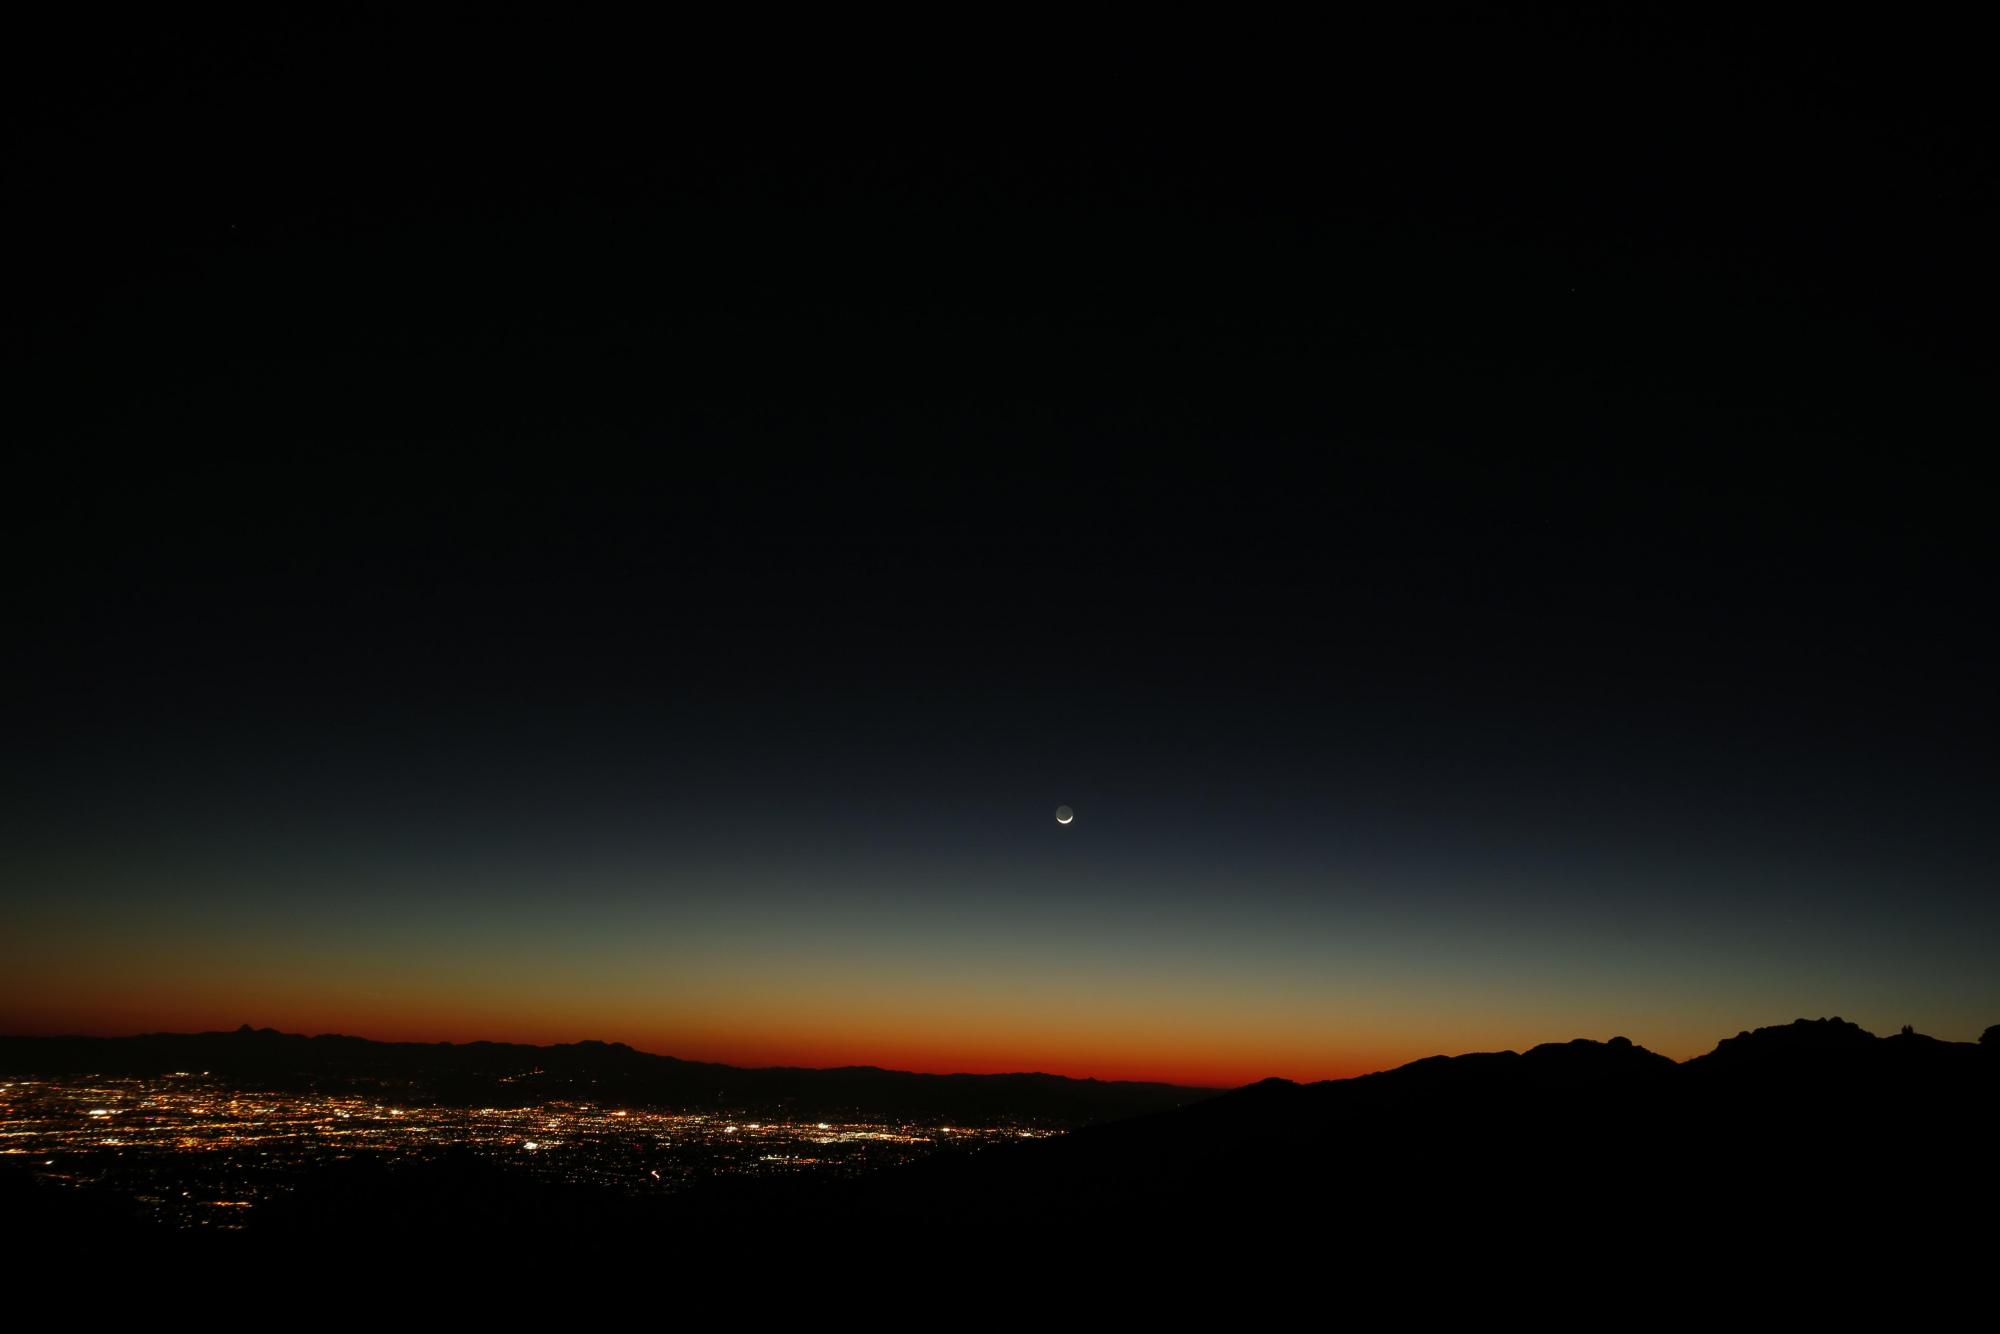 Tucson et Lune cendrée 5733 send.jpg